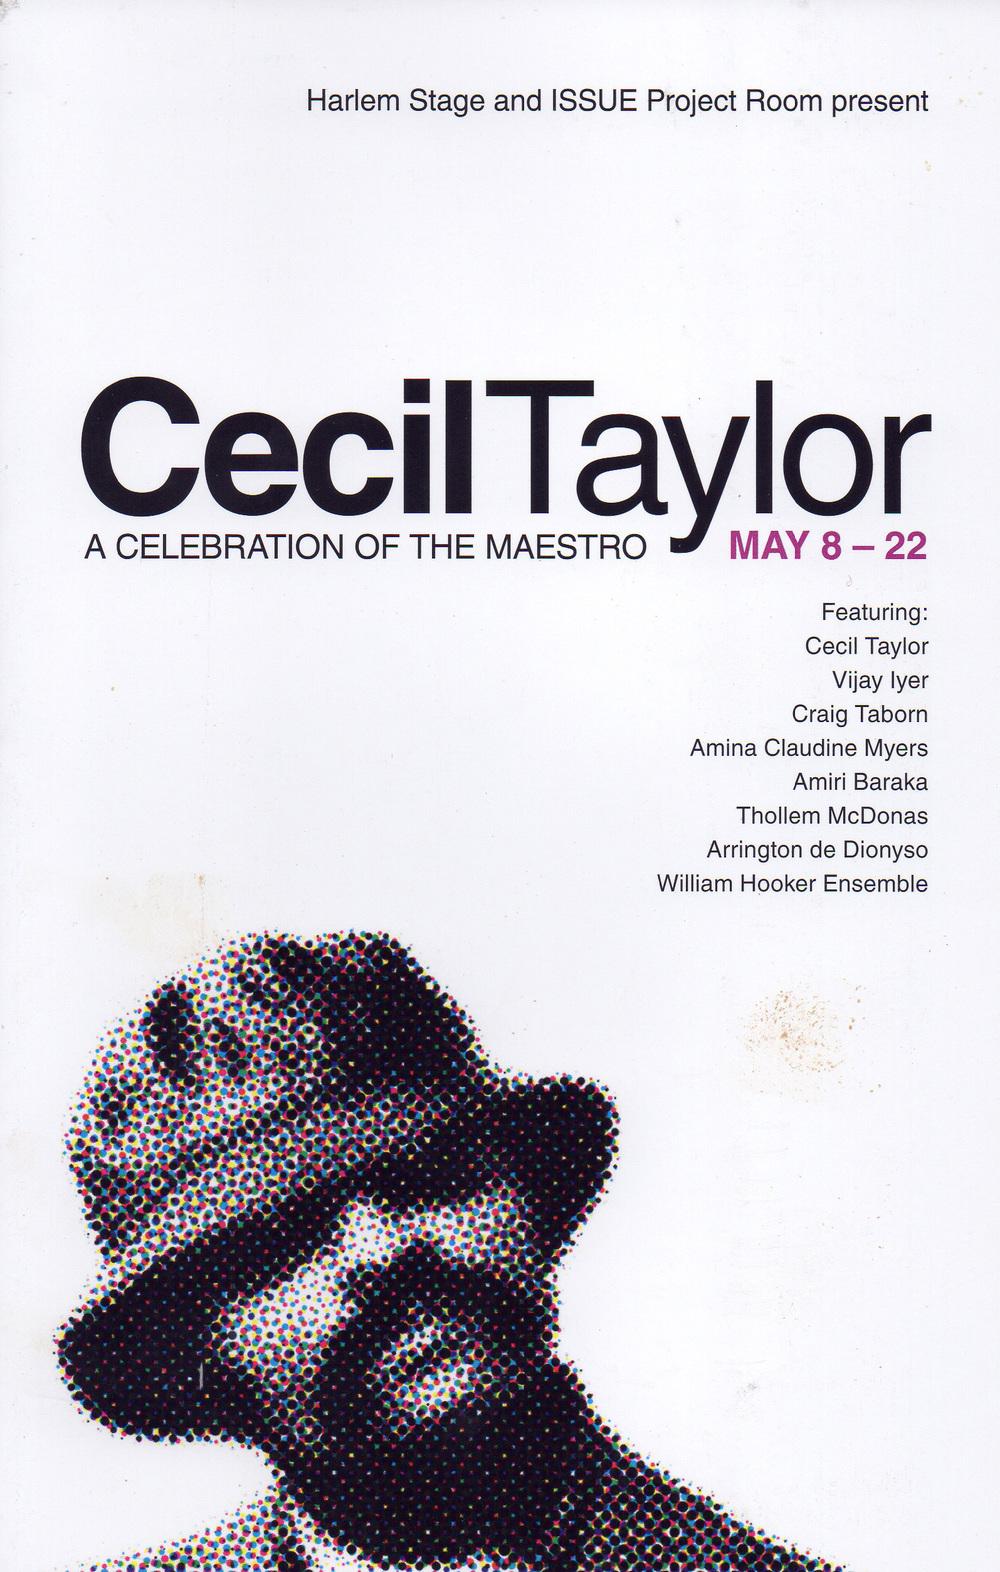 Cecil Taylor 1.jpeg